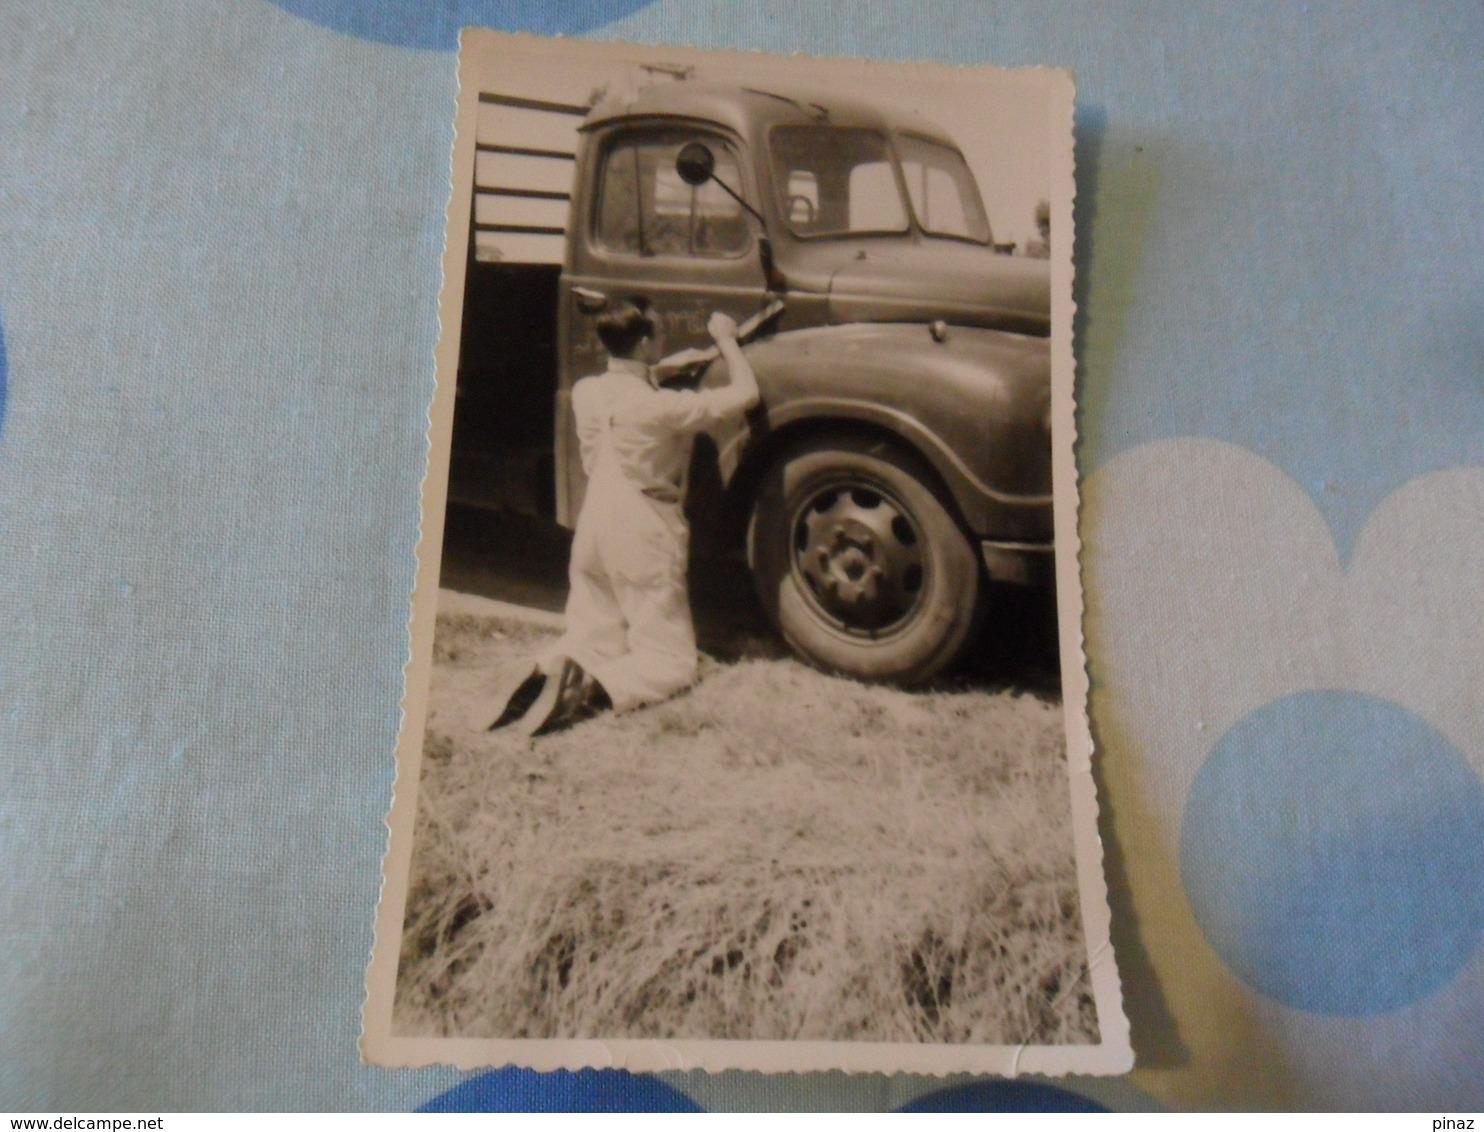 Foto AUTOCARRO 1937 In Manutenzione - Automobili